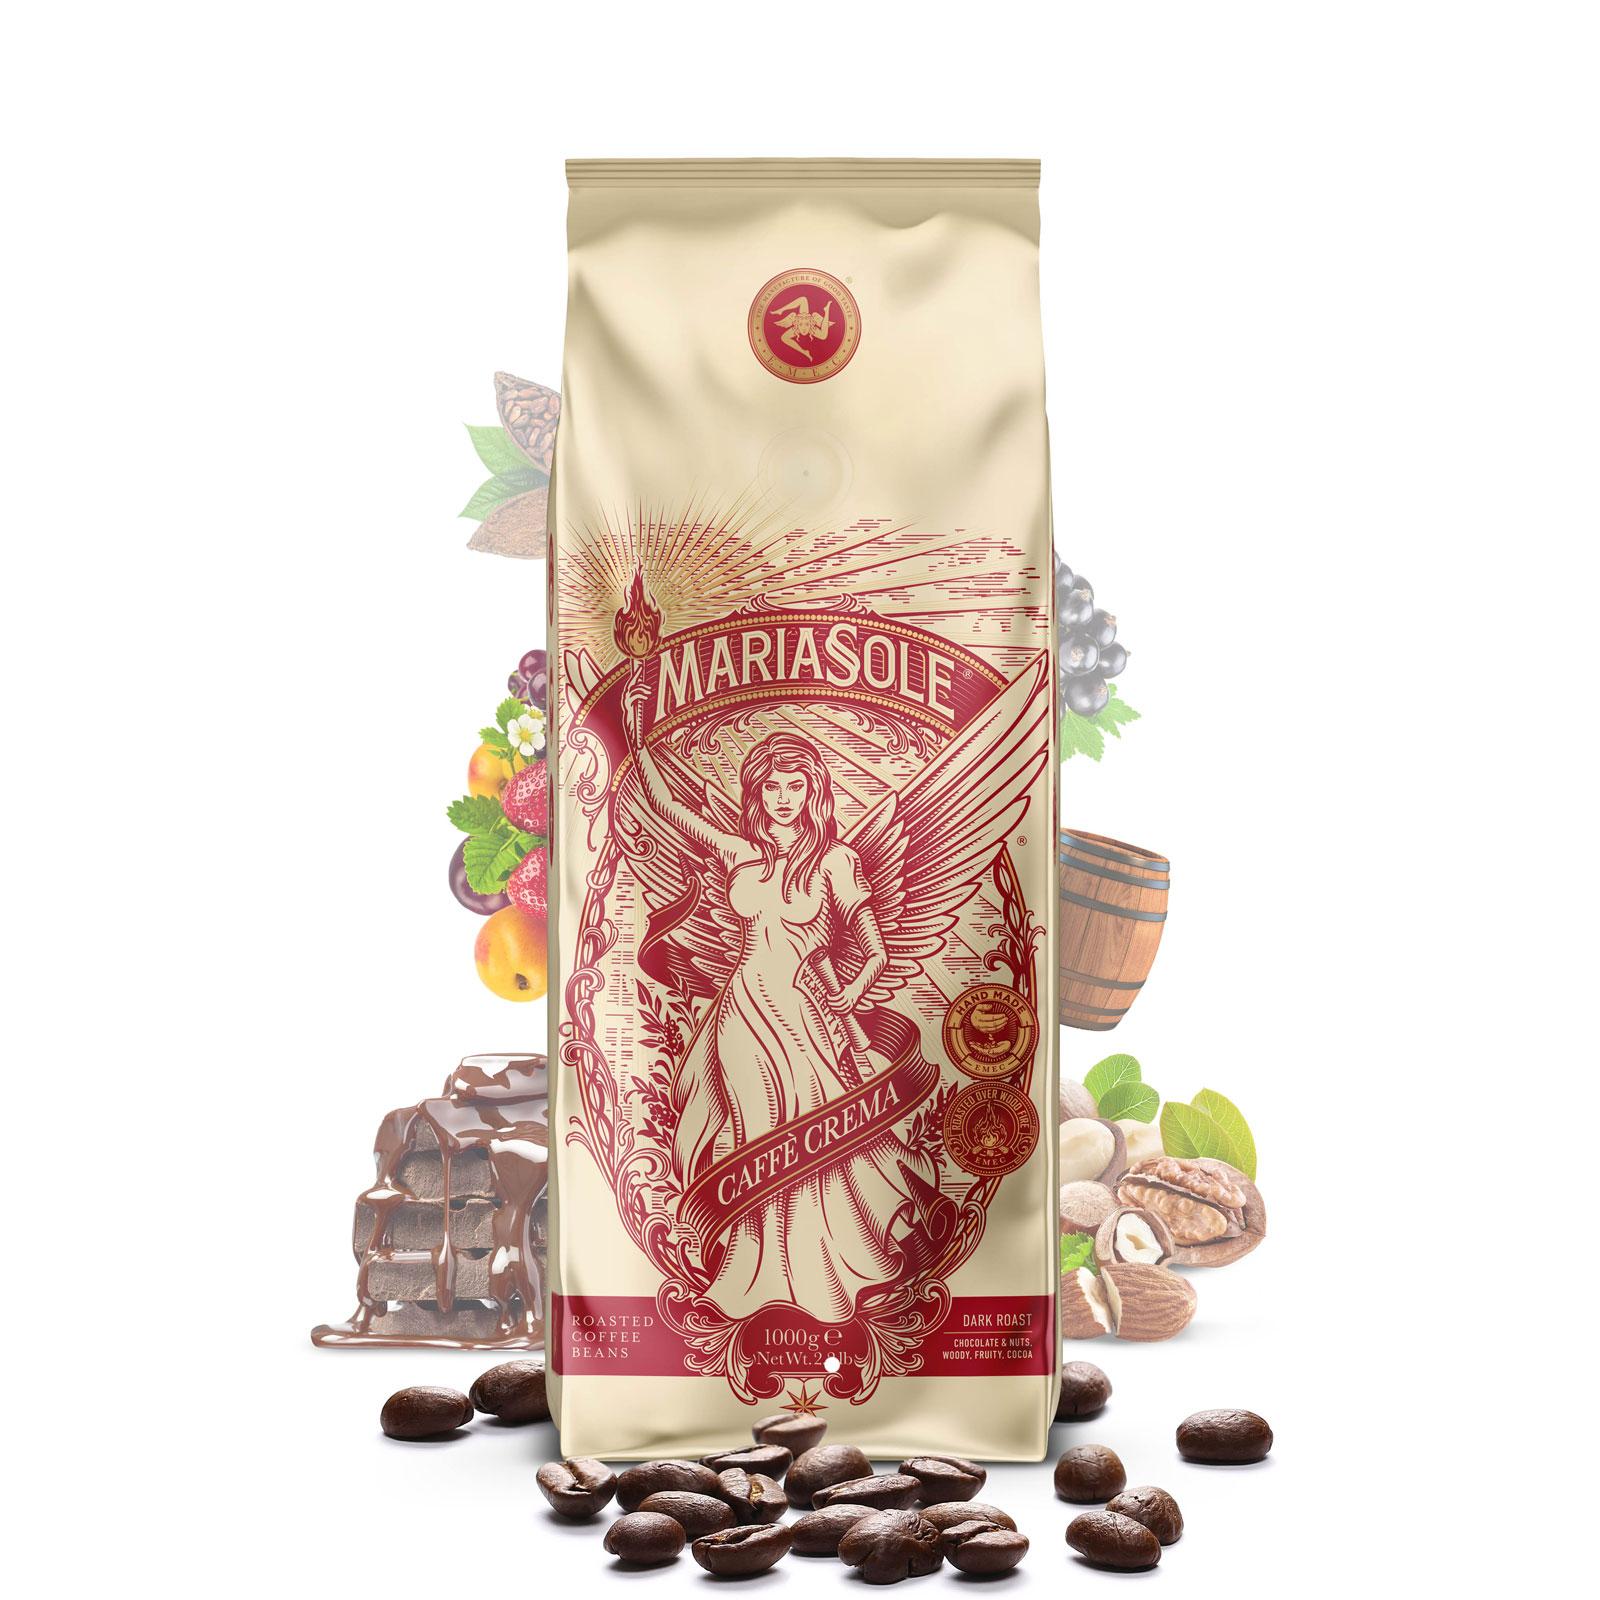 MARIASOLE - Caffè  Crema - 1000g - Bohnen